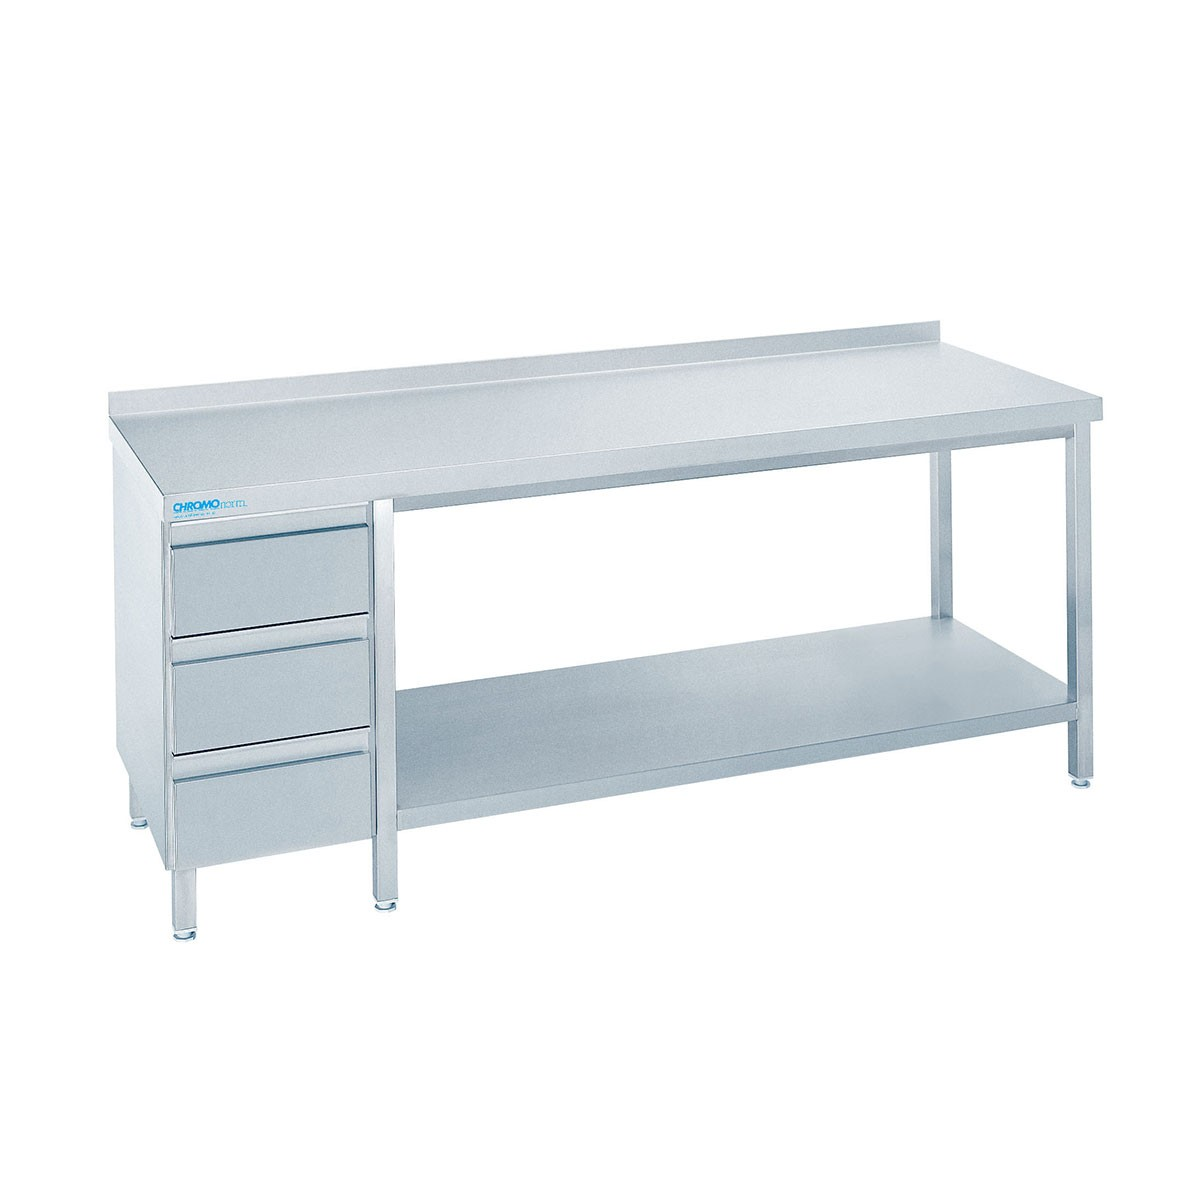 Edelstahl Arbeitstisch mit Schubladenblock TZ0718CS3L0 Chromonorm 700mm x 1800mm